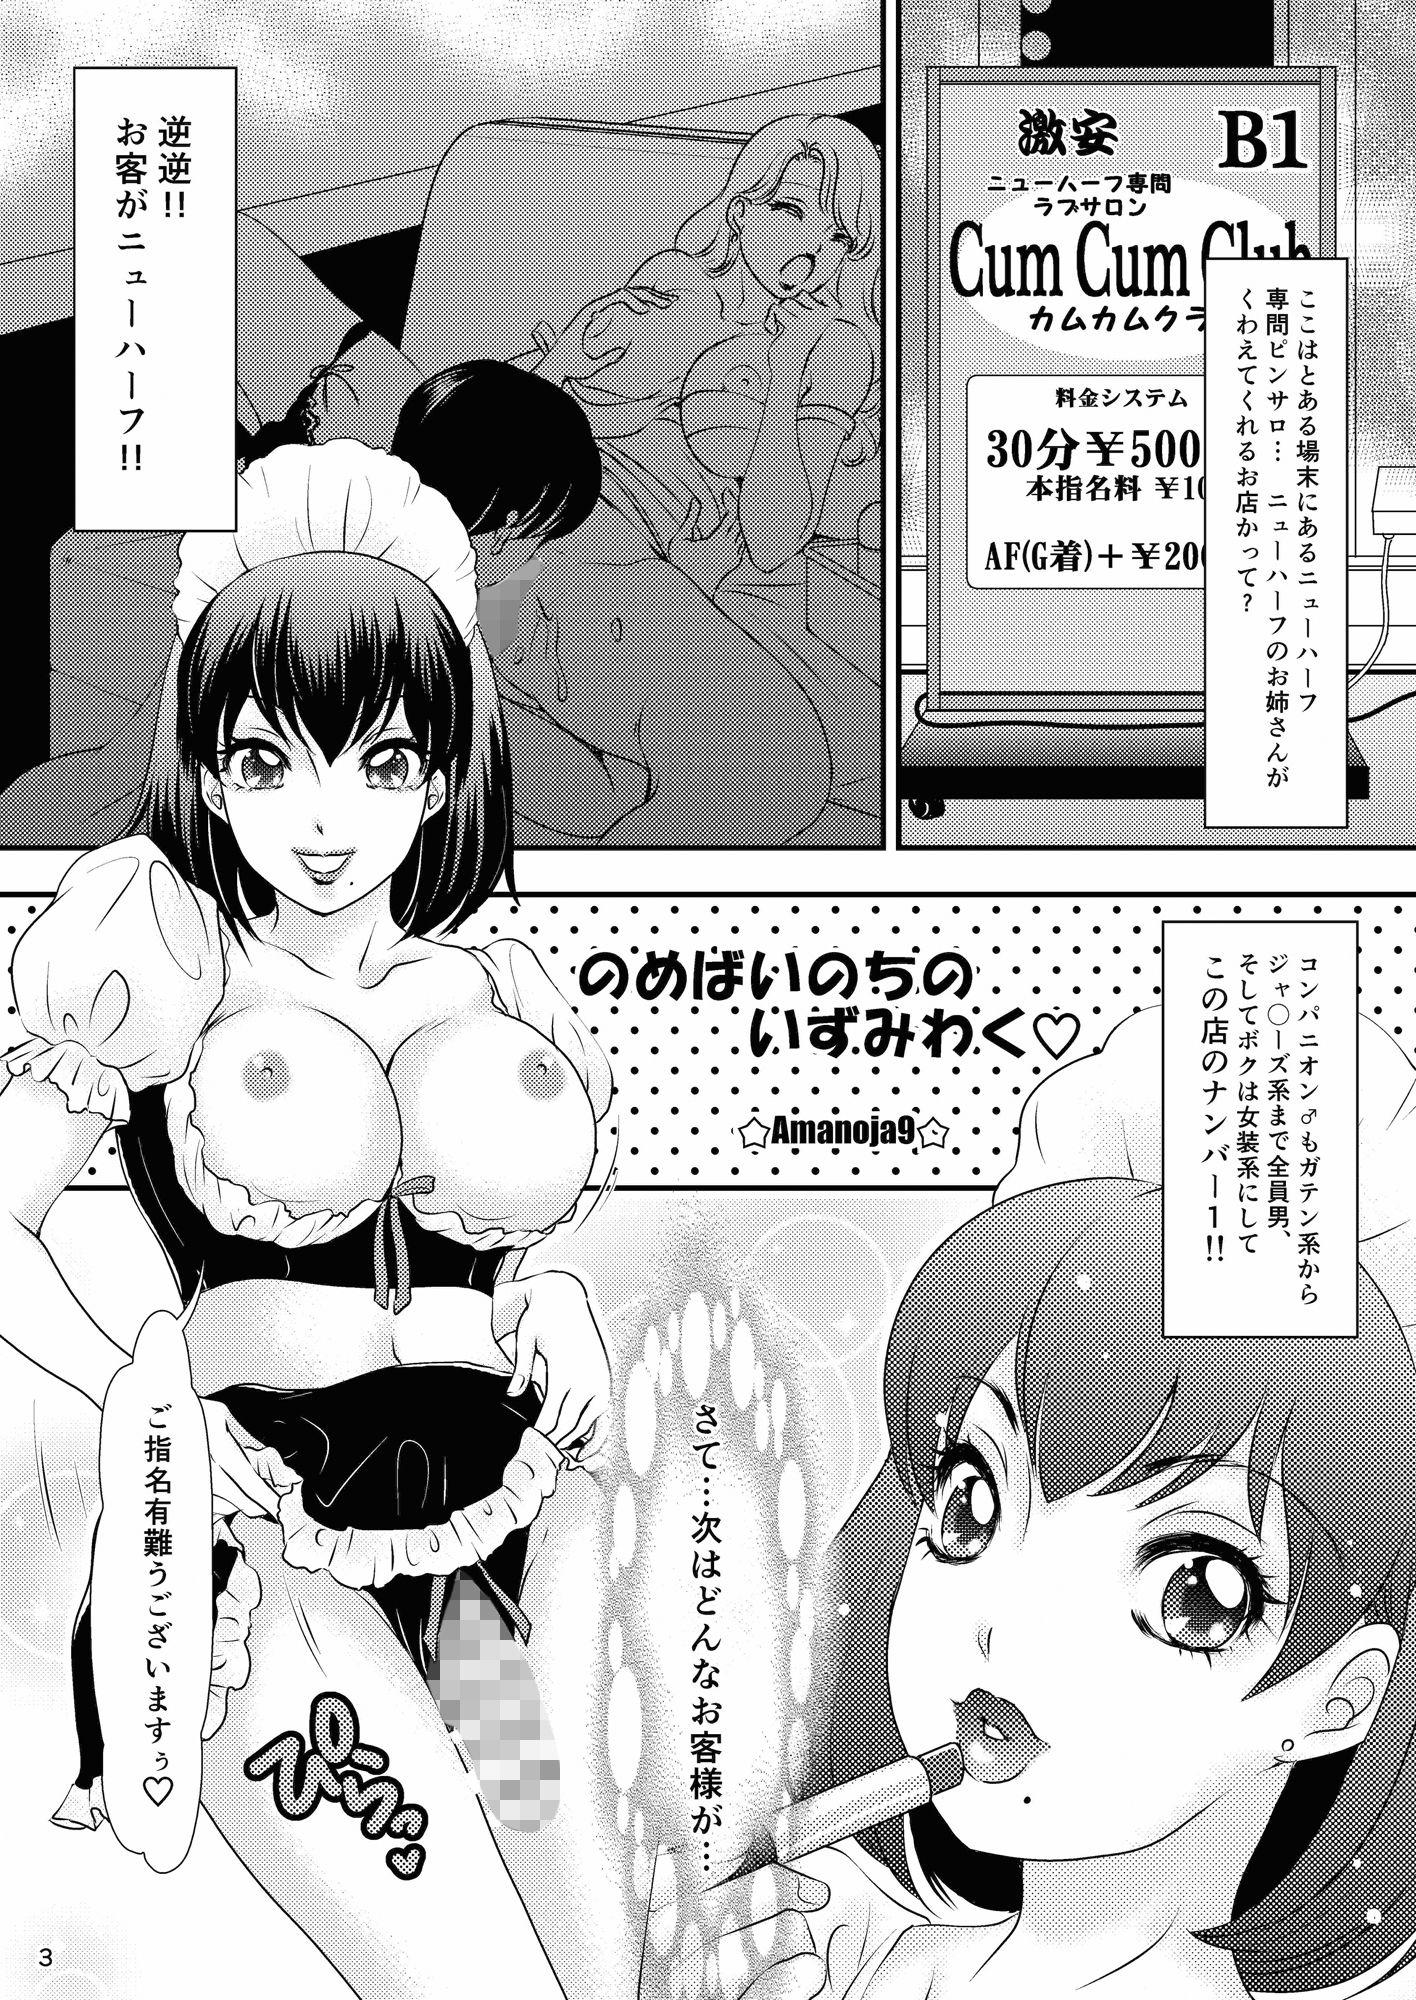 【A-mania9's 同人】BEHAVIOUR+8超☆こいくち